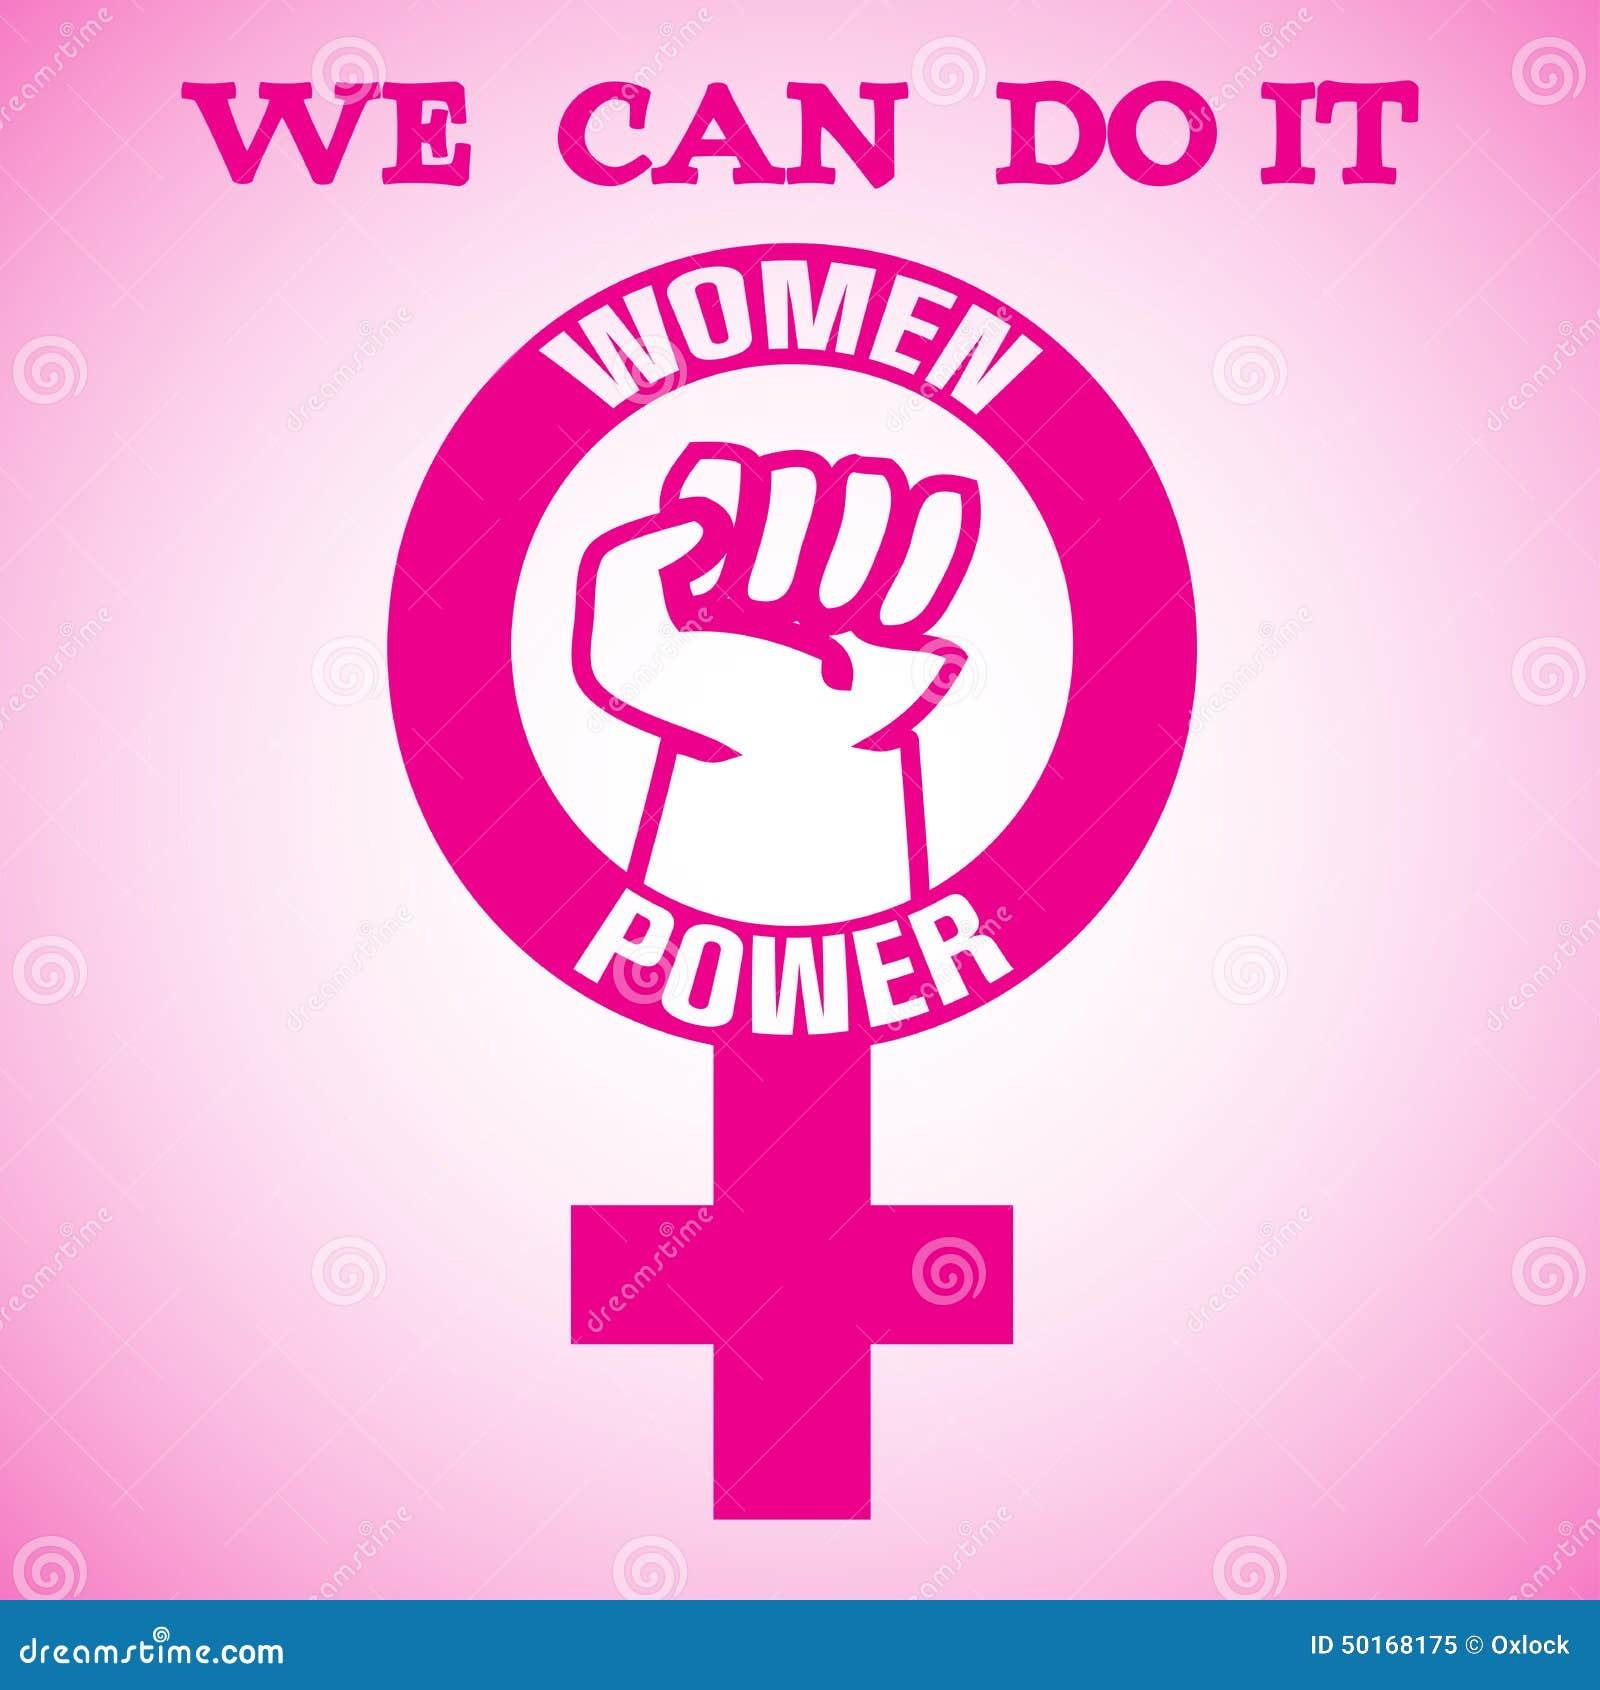 feminist wallpaper